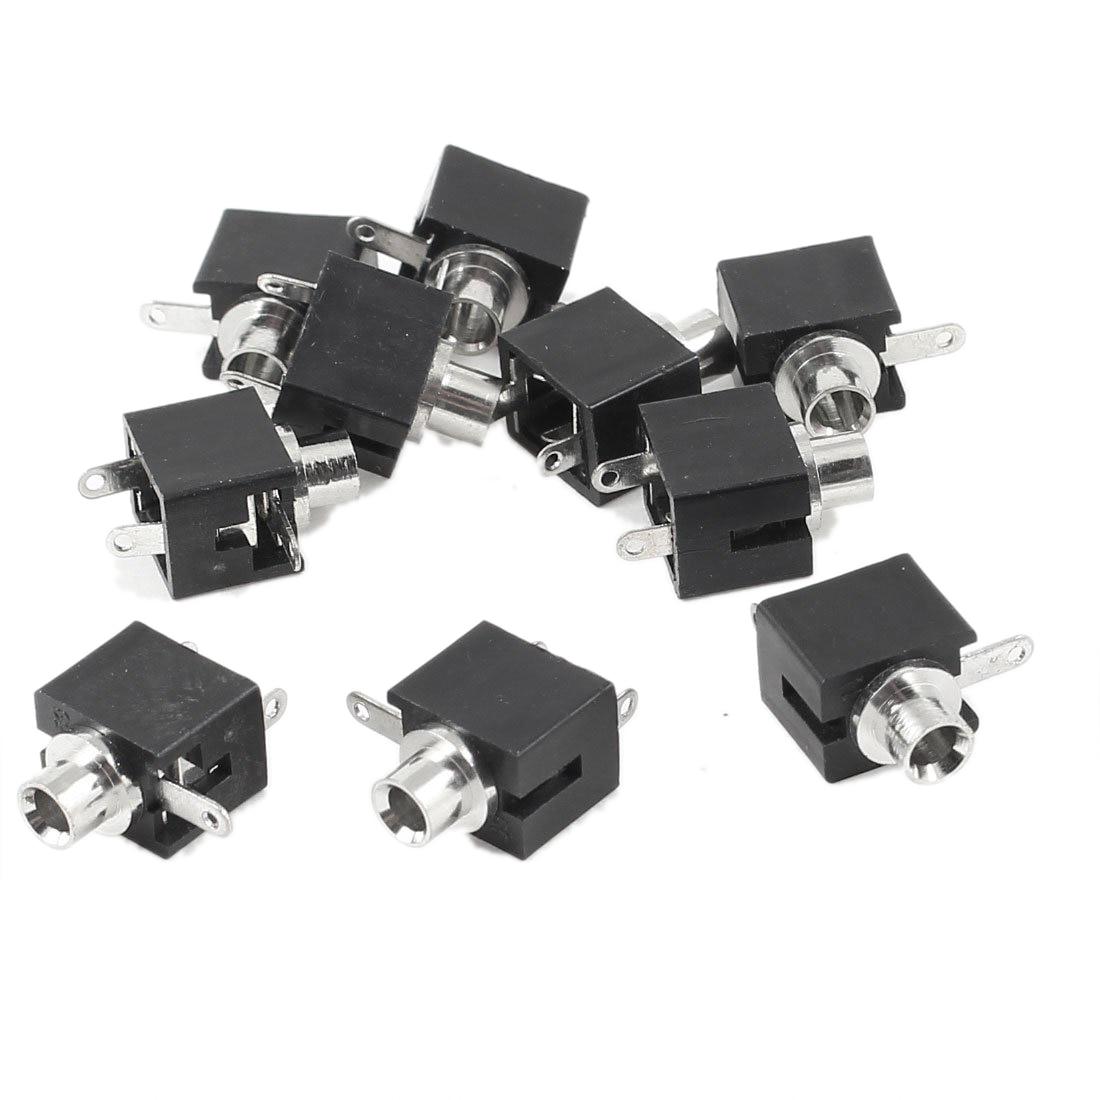 뜨거운 판매 검은 3 핀 2.5 mm 여성 오디오 모노 - 휴대용 오디오 및 비디오